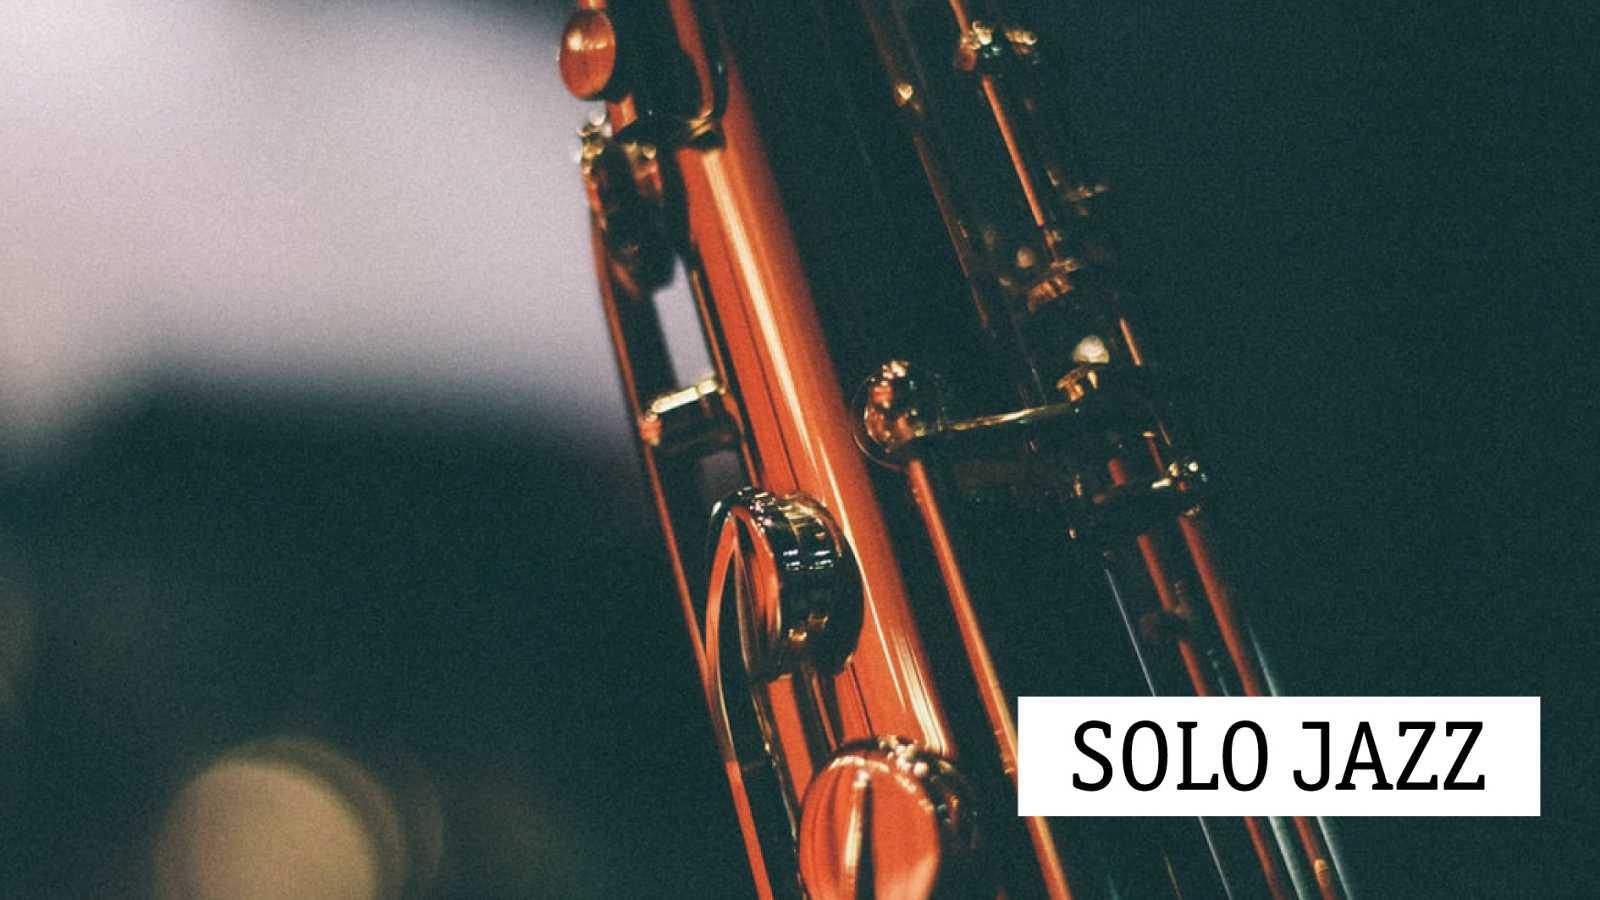 Solo Jazz - Retrospectiva Keith Jarrett (Conciertos de Japón, 1976) (I) - 12/06/20 - escuchar ahora